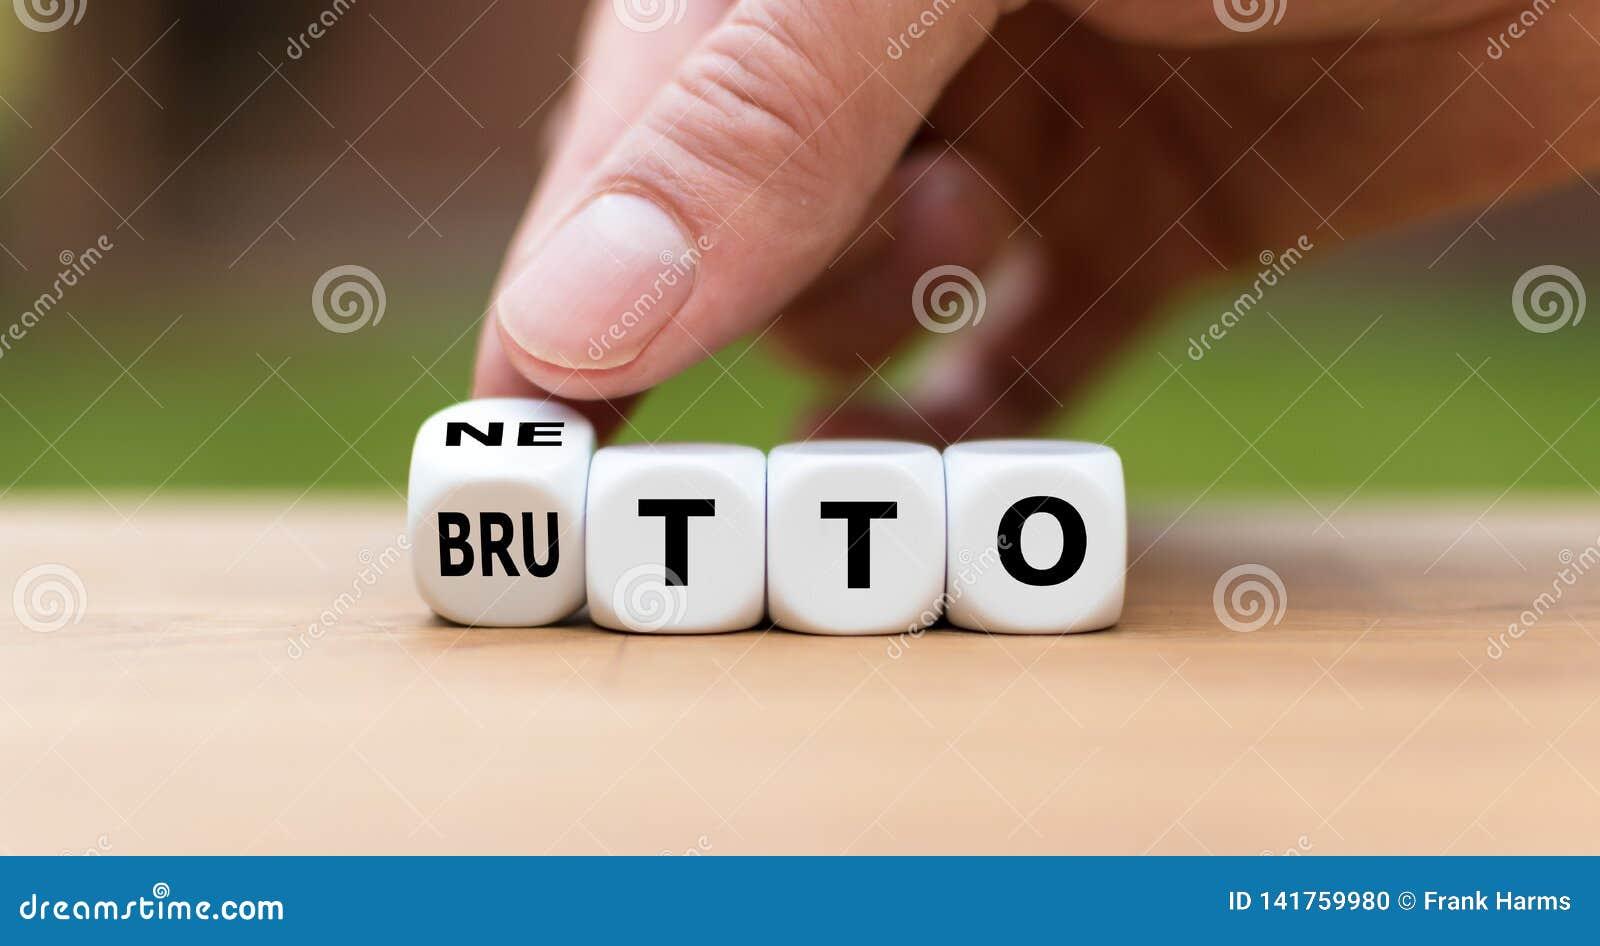 La mano da vuelta a un dado y cambia la palabra 'DELANTERO 'POSTERIOR ''